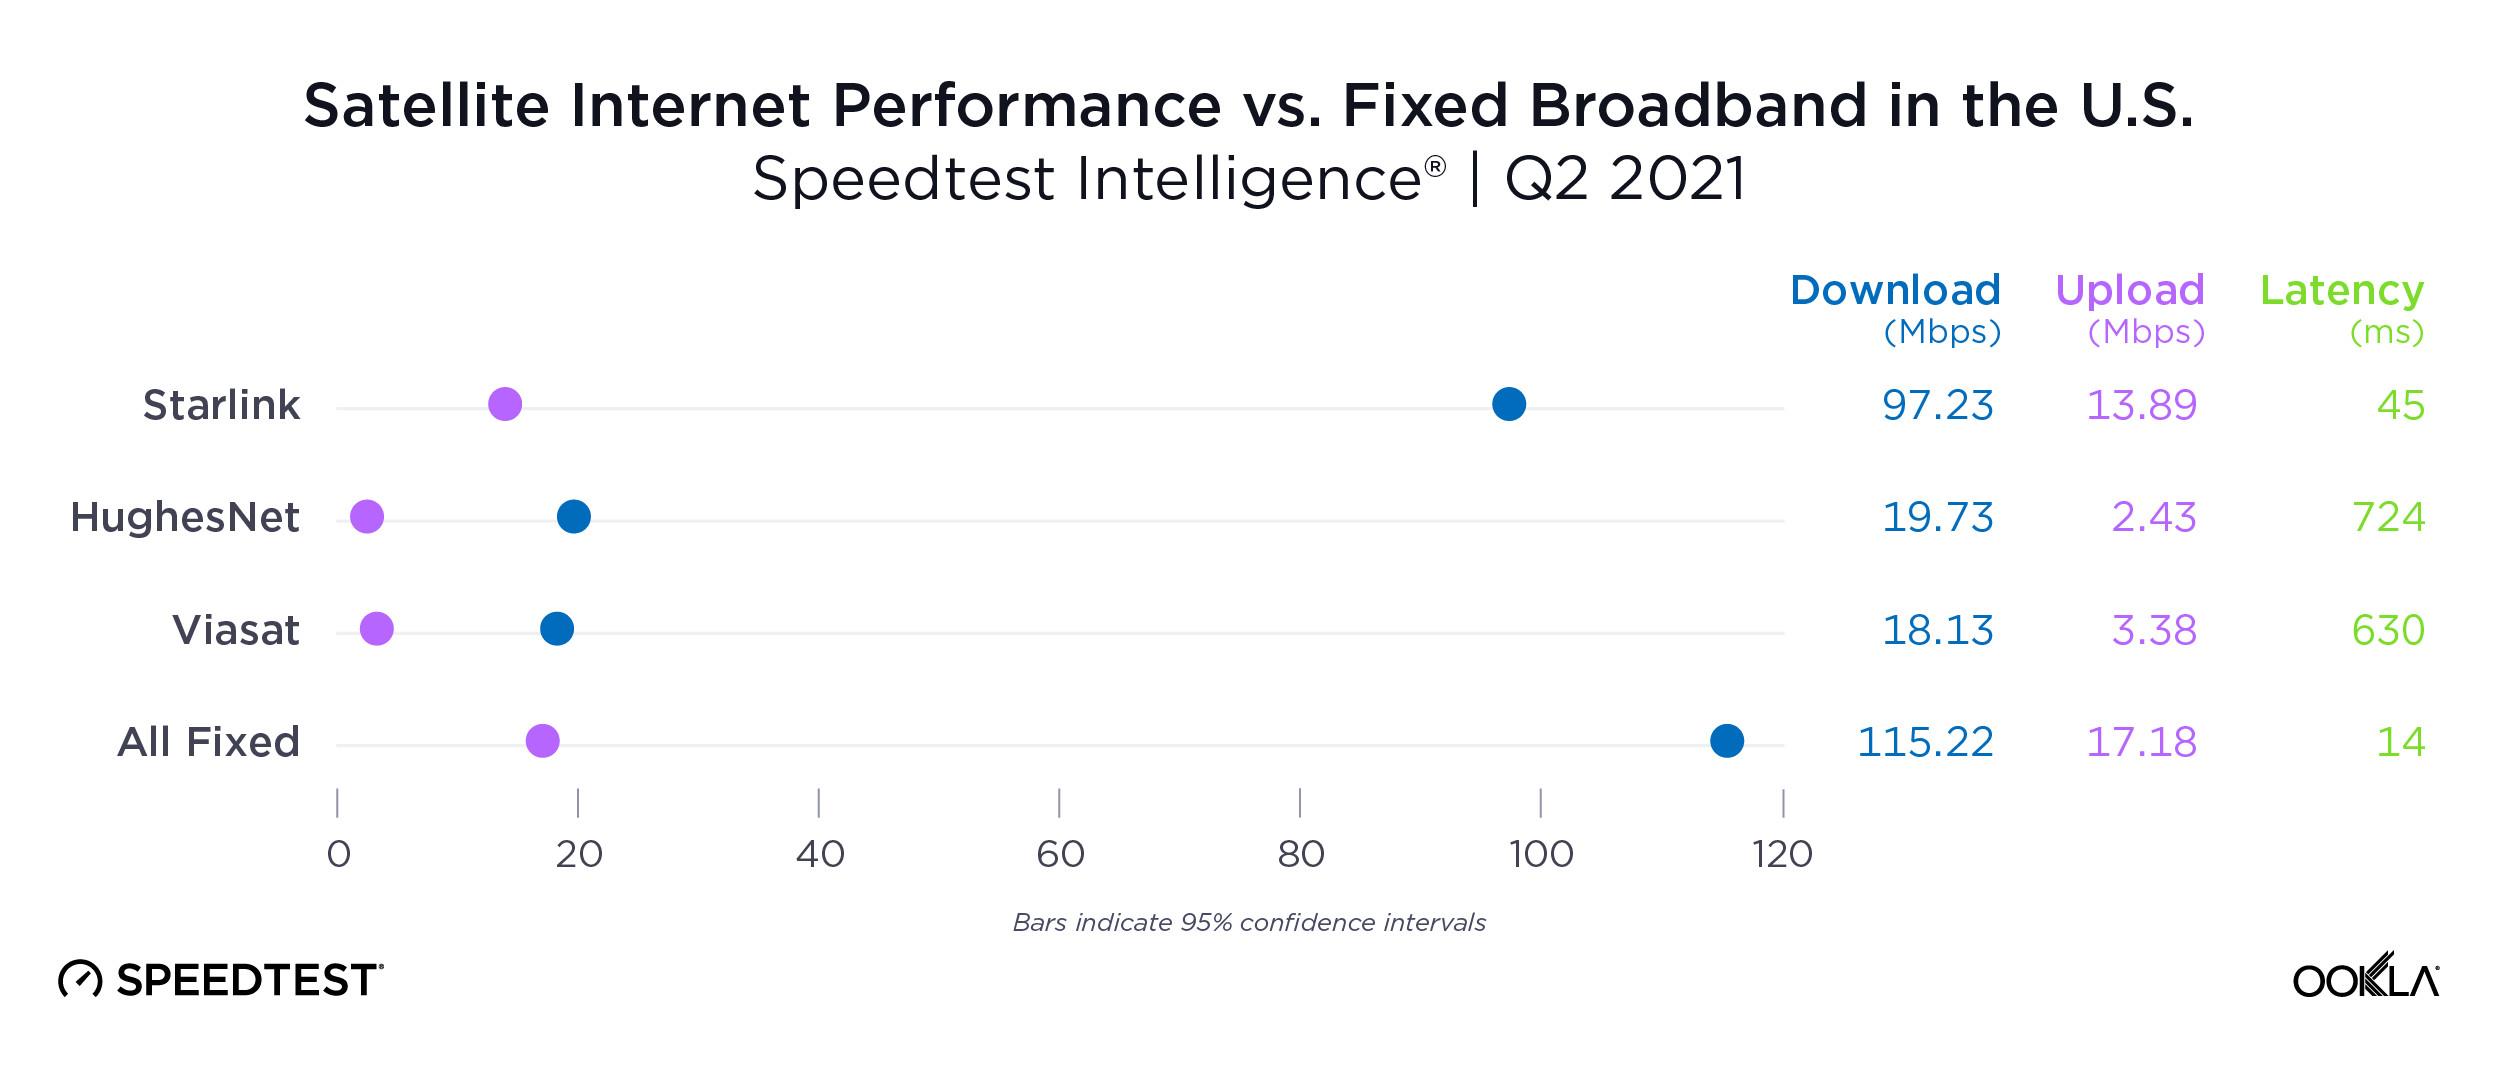 Starlink speed comparison in US Q2 2021